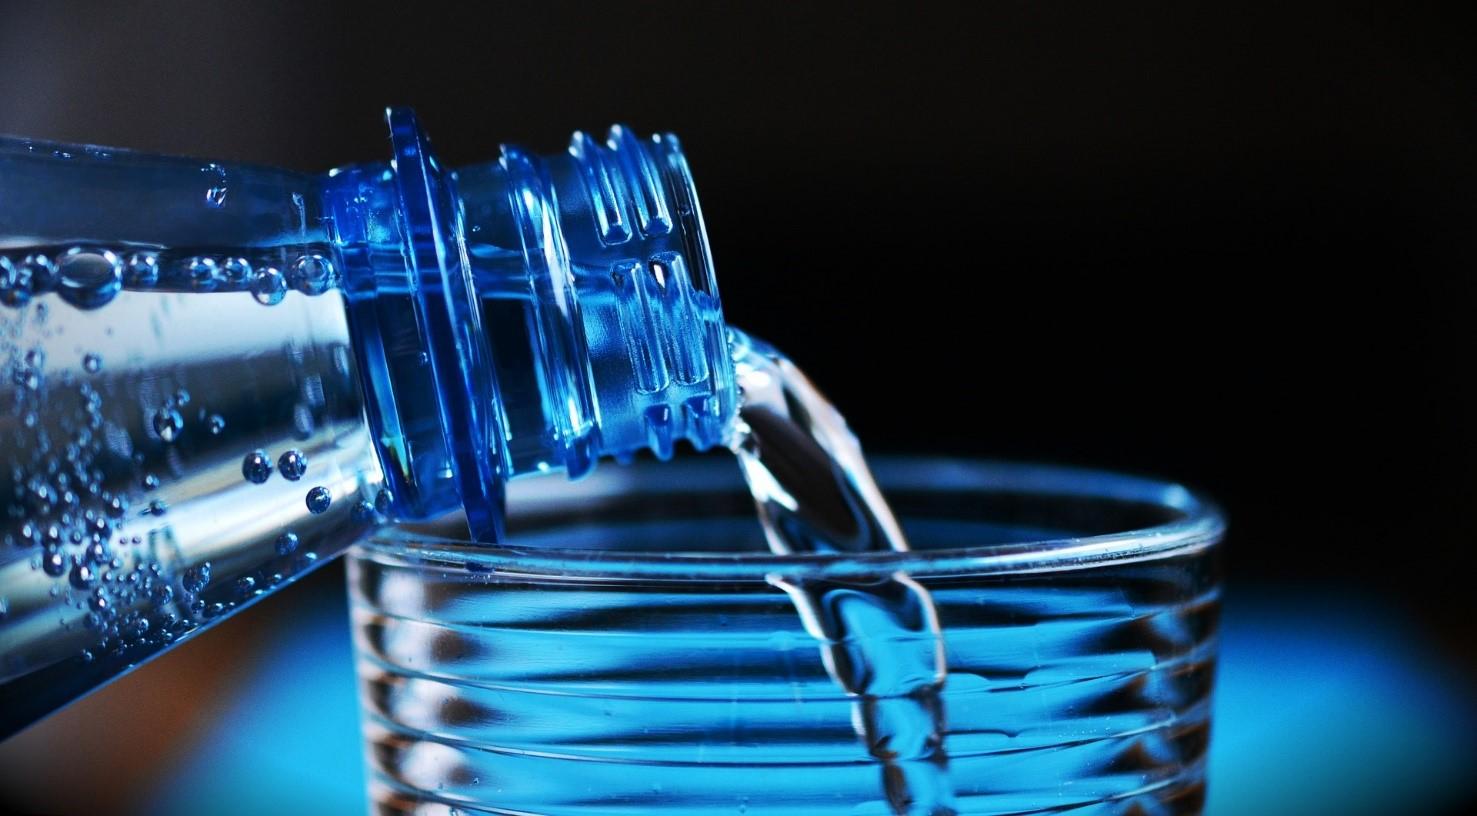 Drink voldoende 2 liter per dag